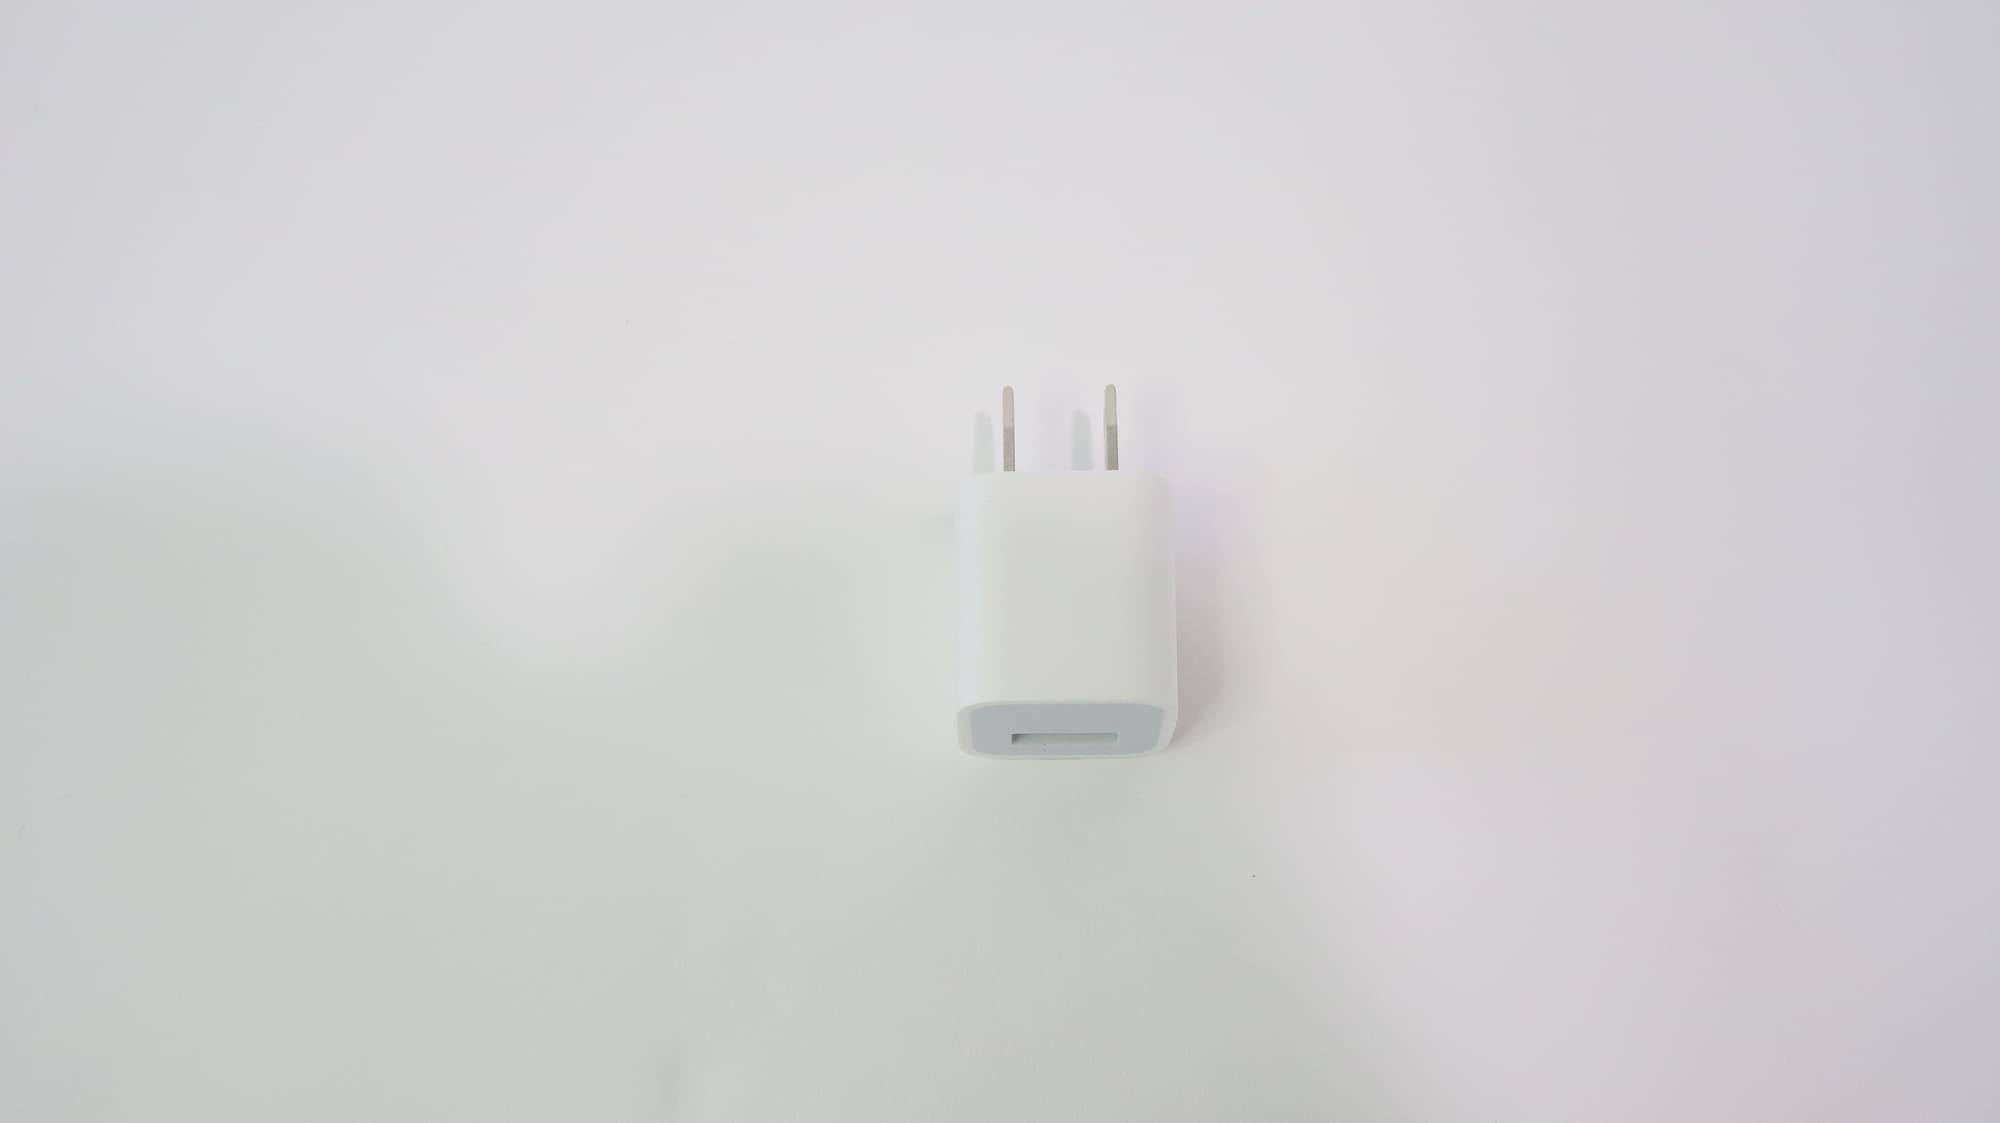 iPhone SEの電源アダプタ